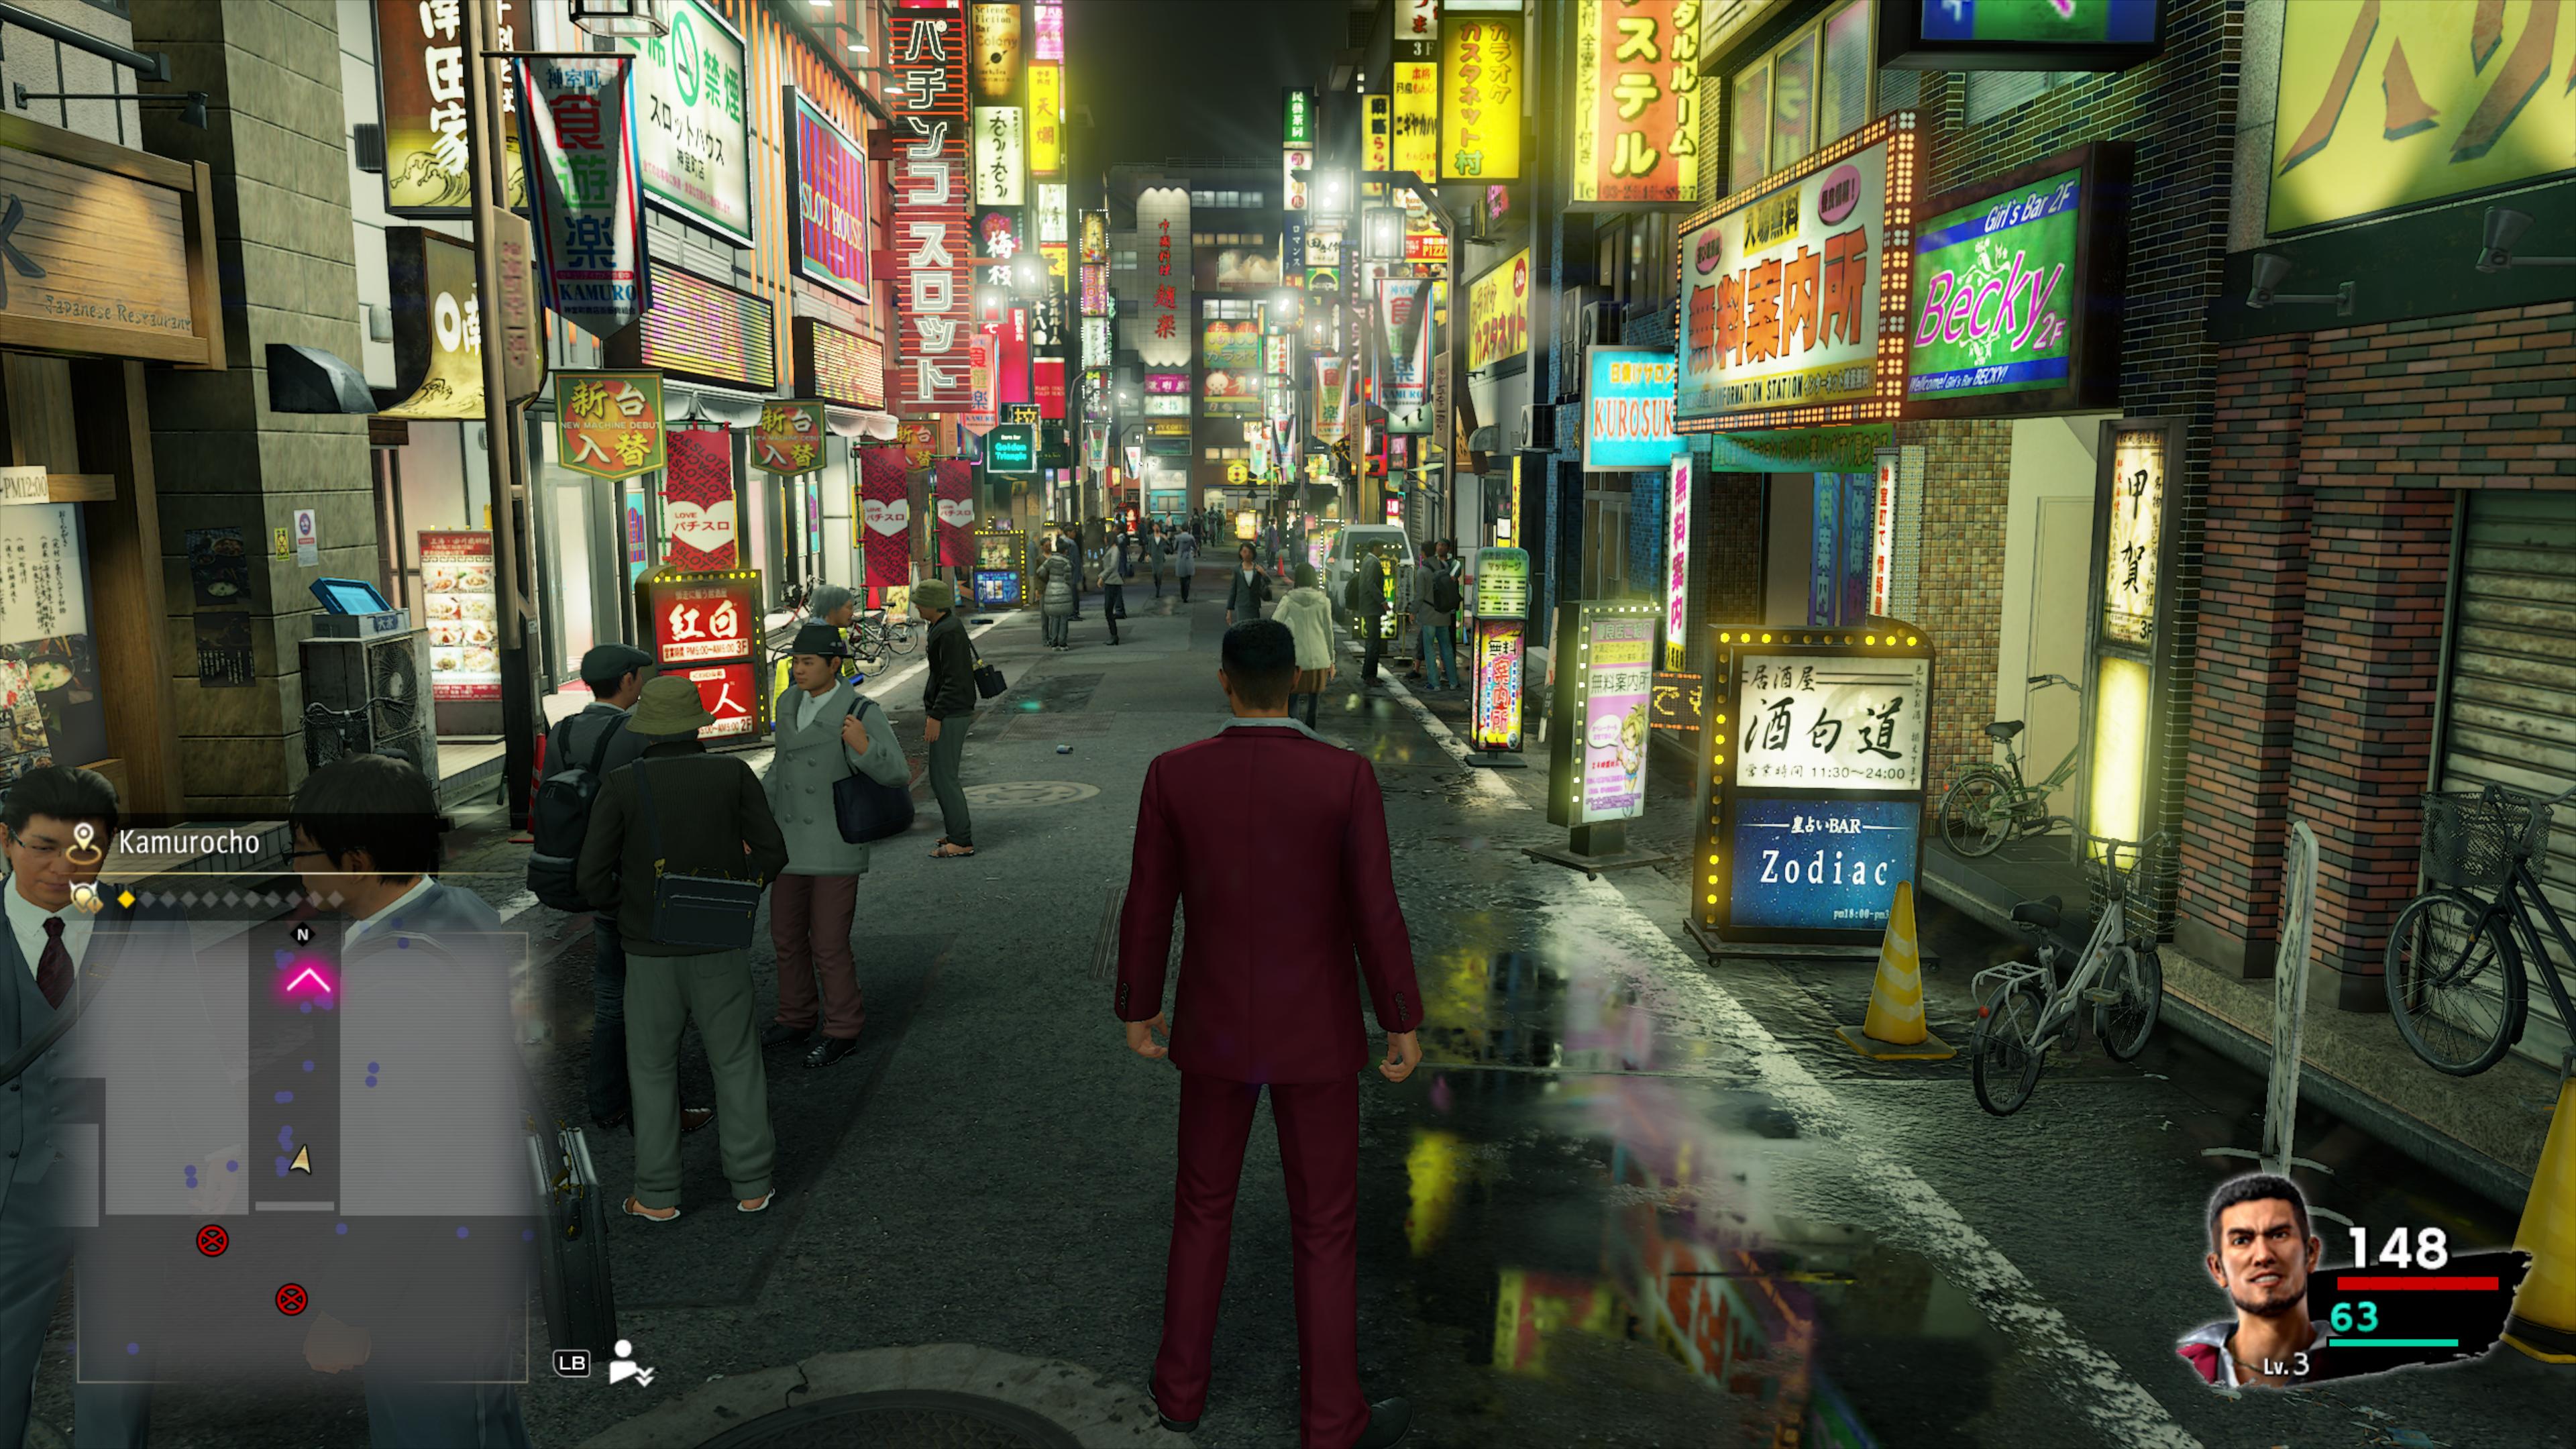 Admirez la vie nocturne de Yokohama en résolution 4K sur la console Xbox Series X